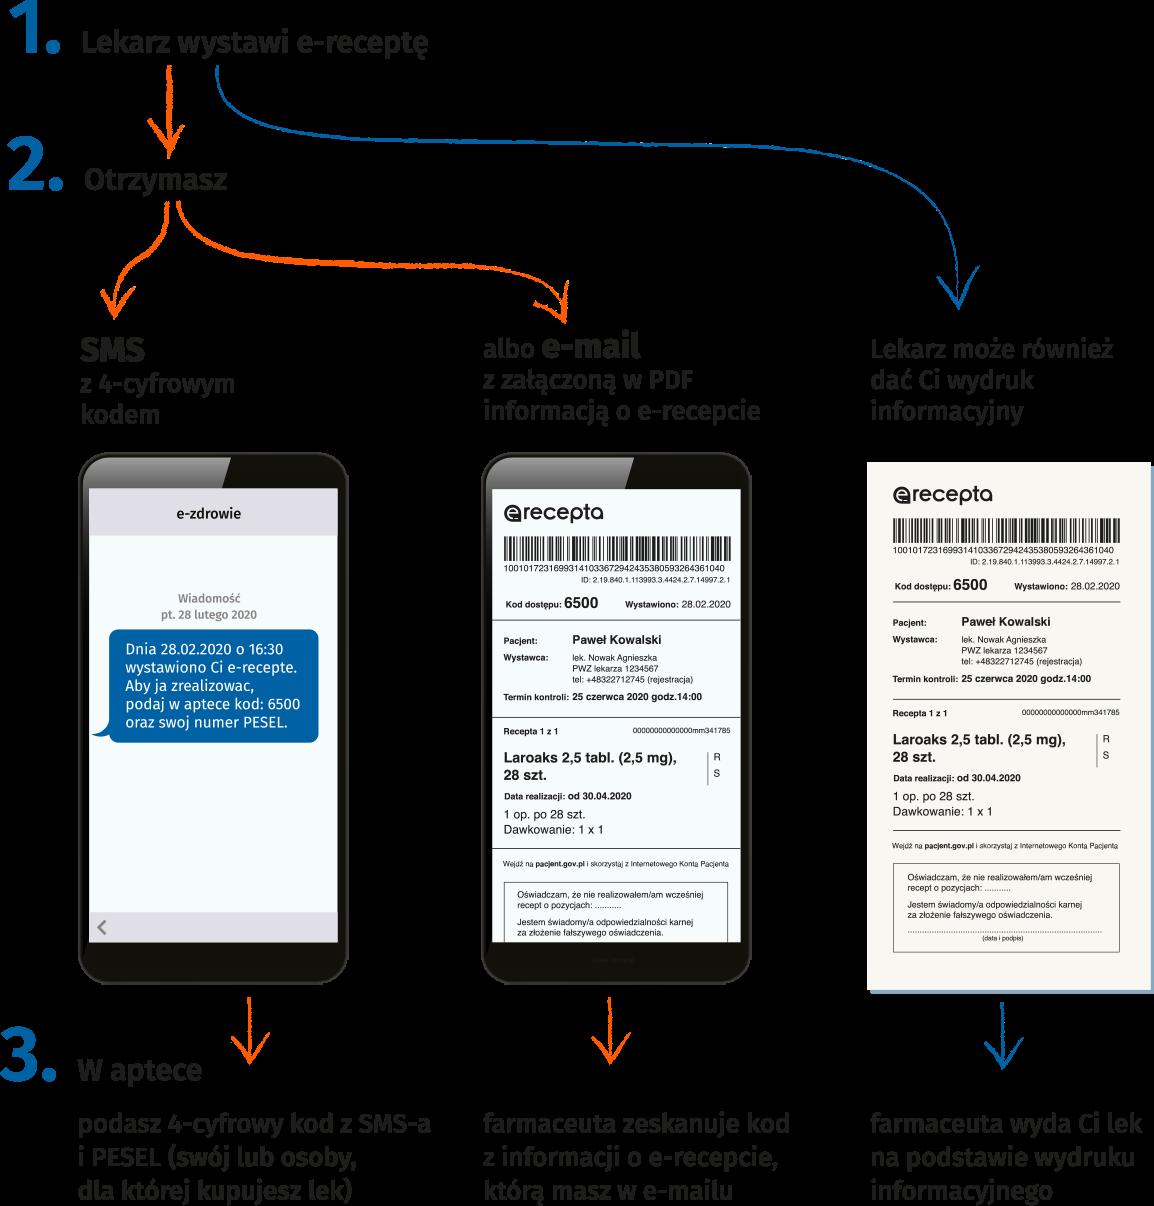 W aptece podasz 4-cyfrowy kod z SMS-a i PESEL albo pokażesz PDF załączony do e-maila; a jeśli nie korzystasz z IKP, to farmaceuta zeskanuje kod kreskowy z wydruku informacyjnego